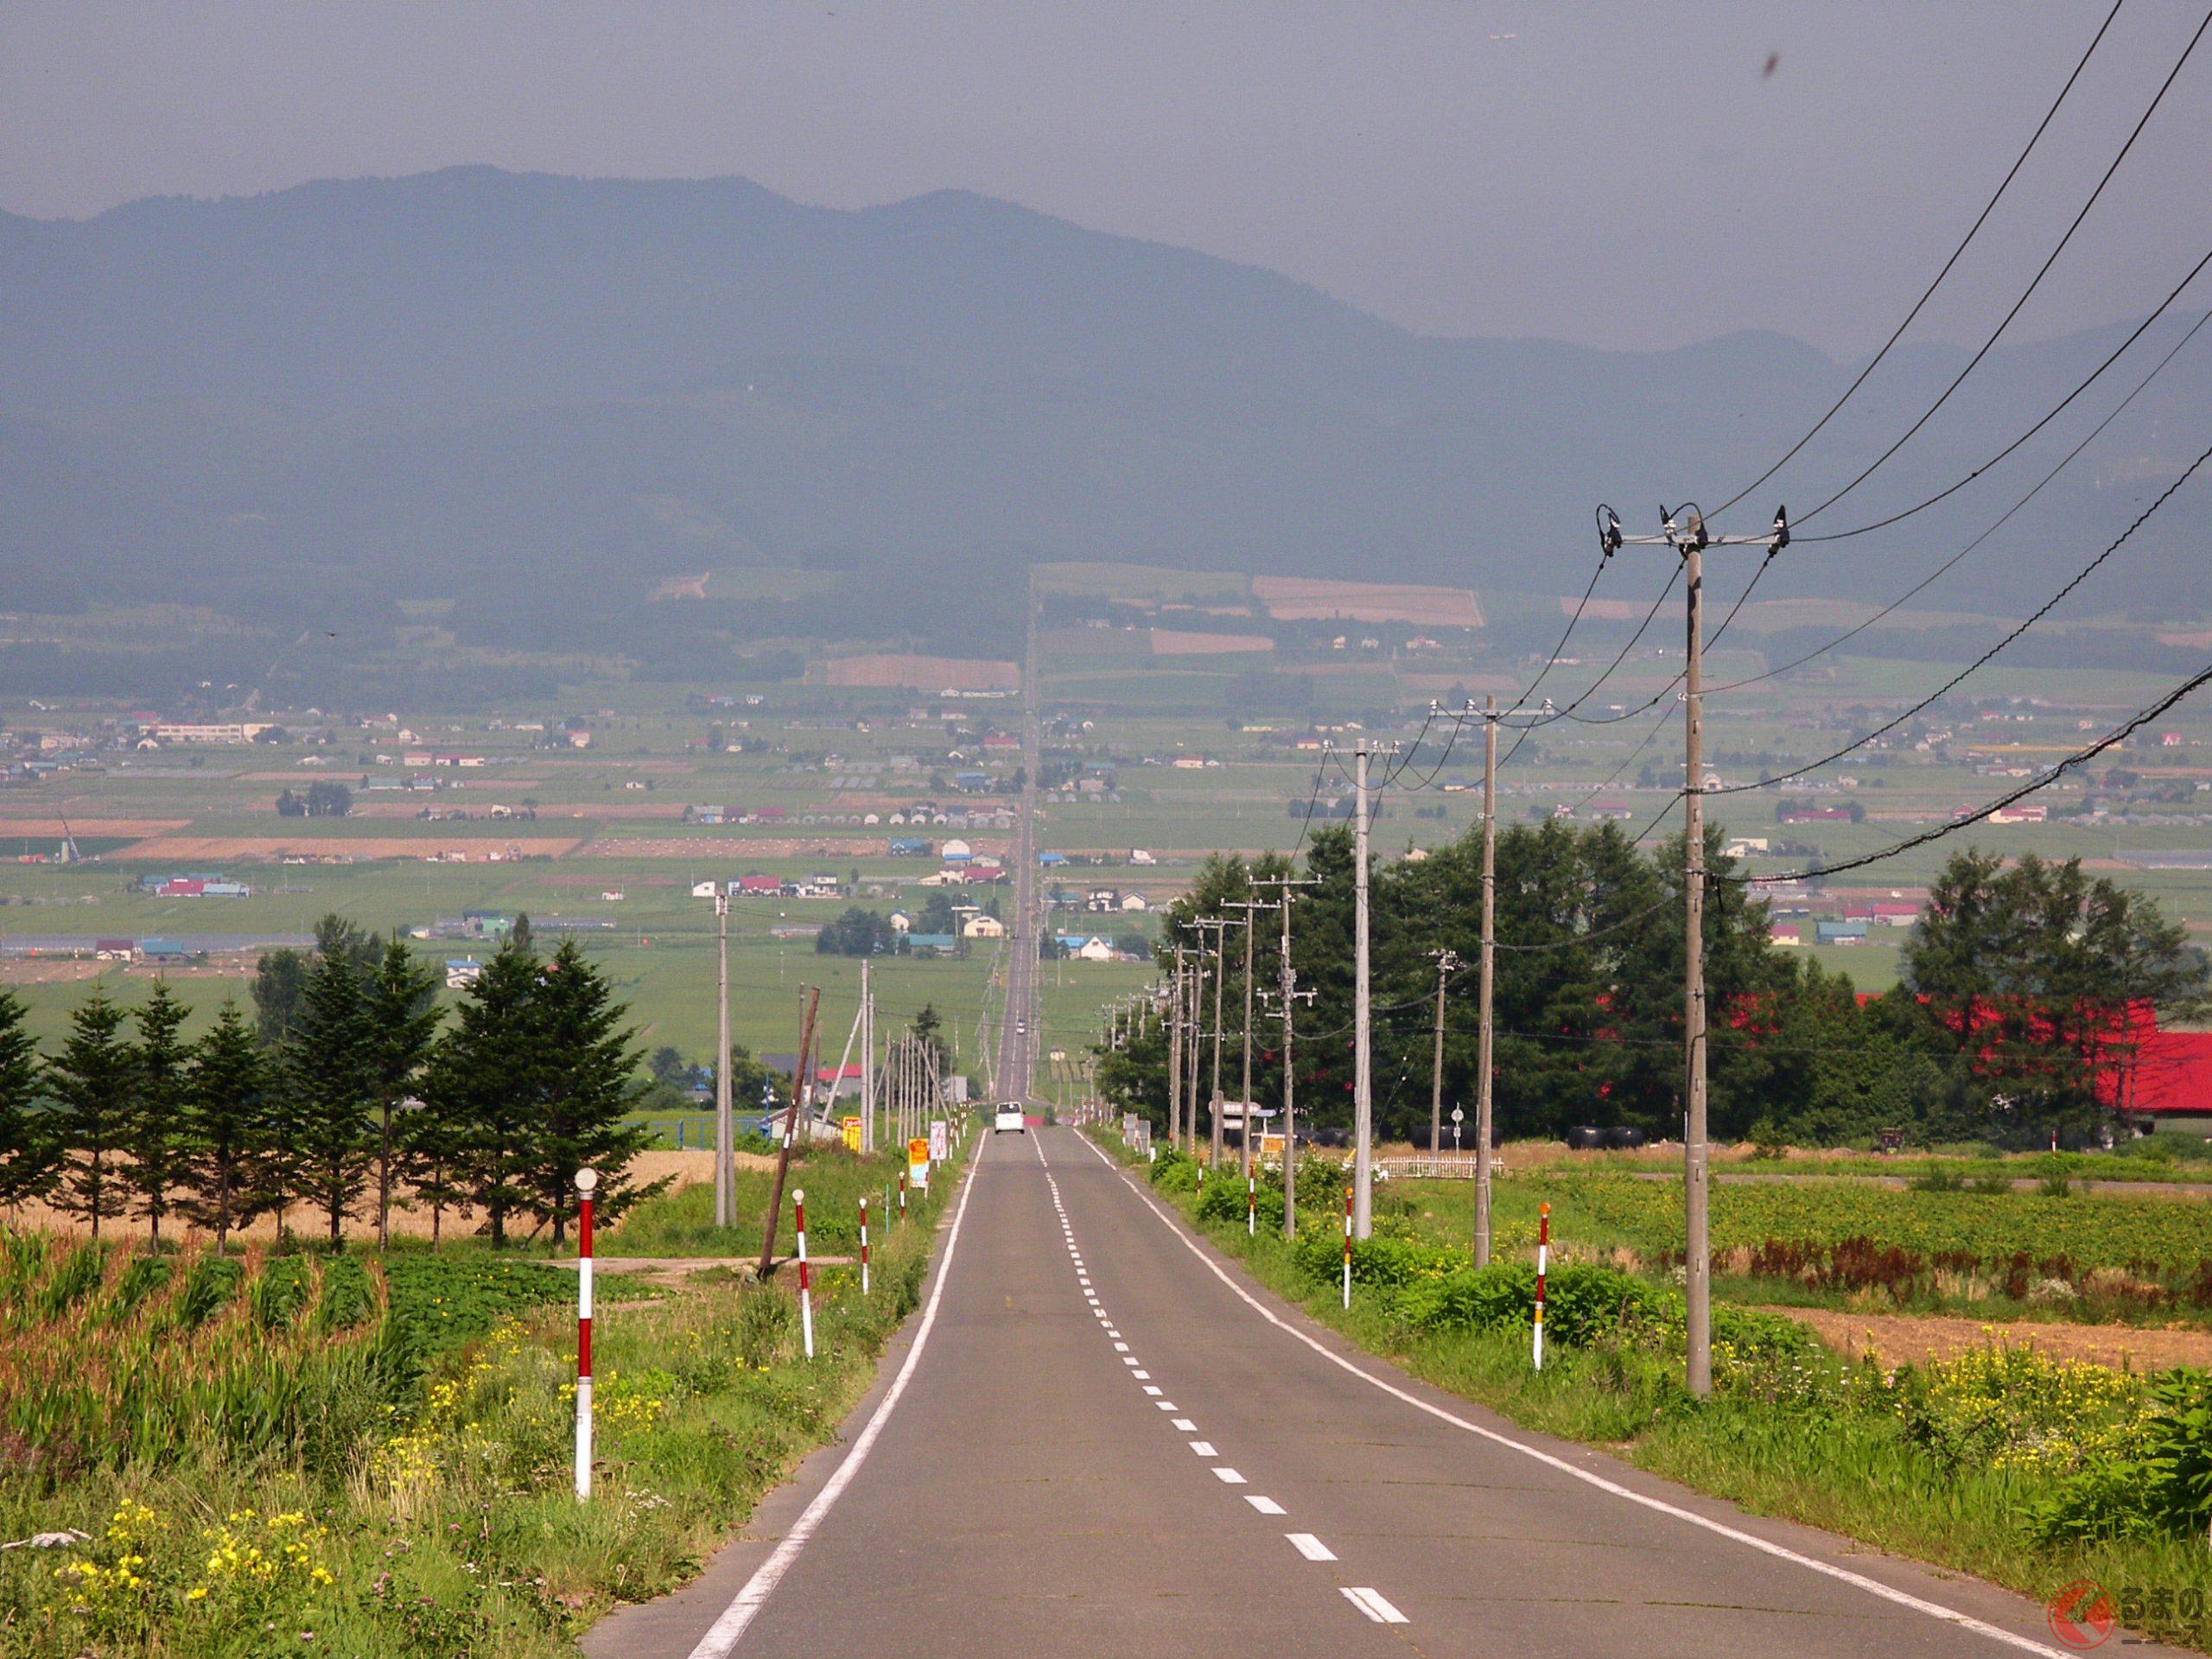 ガードレールが無く、長く伸びた道が多い印象の北海道